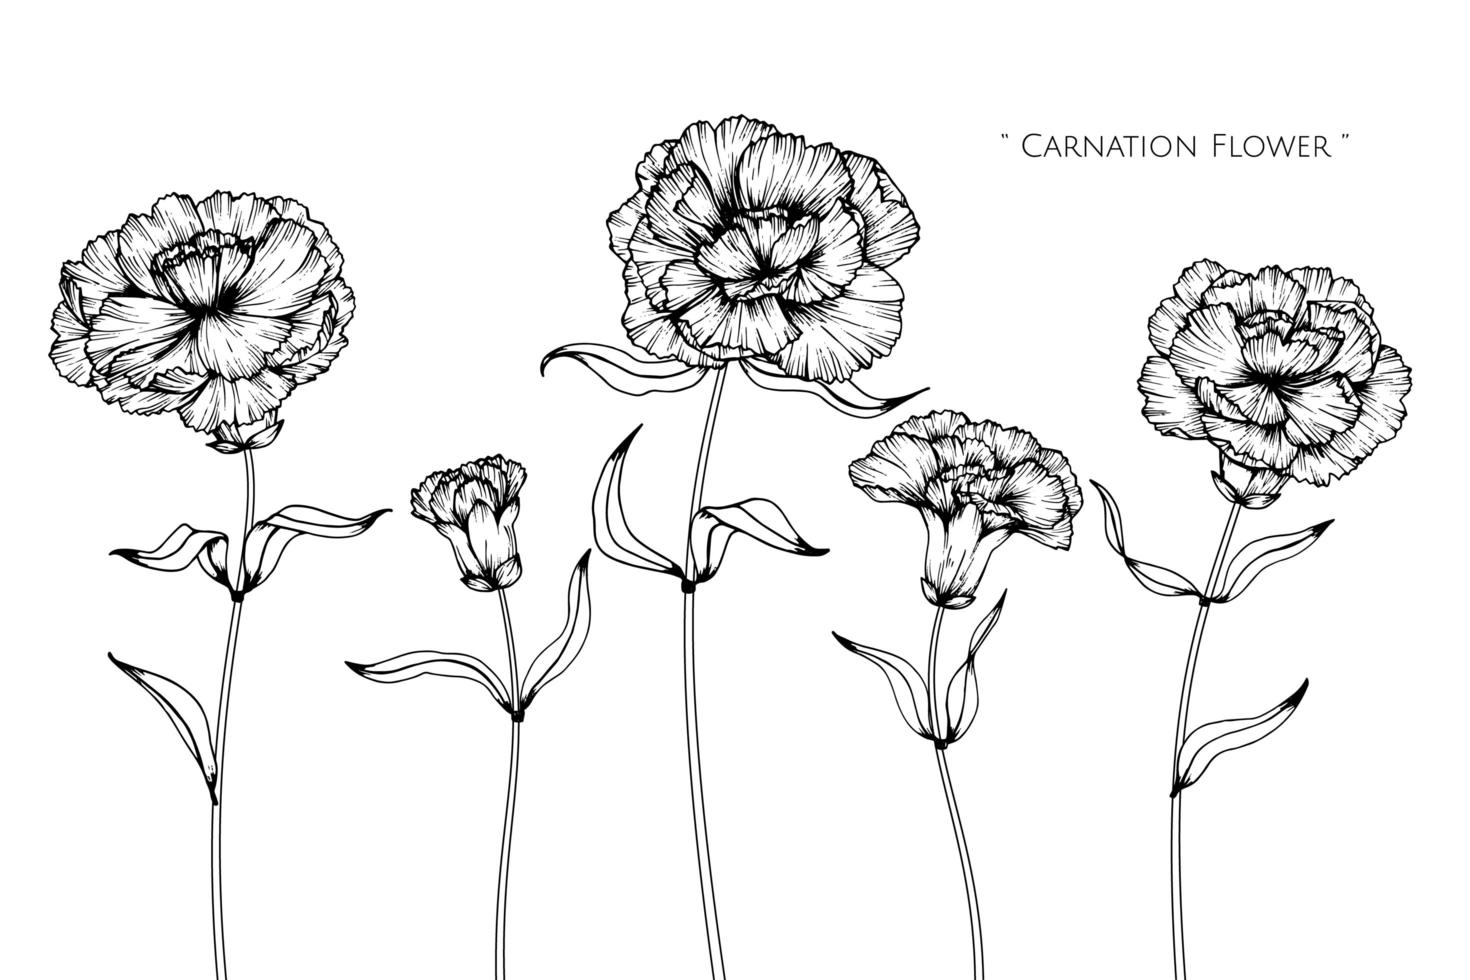 fleur oeillet et feuilles dessins dessinés à la main vecteur